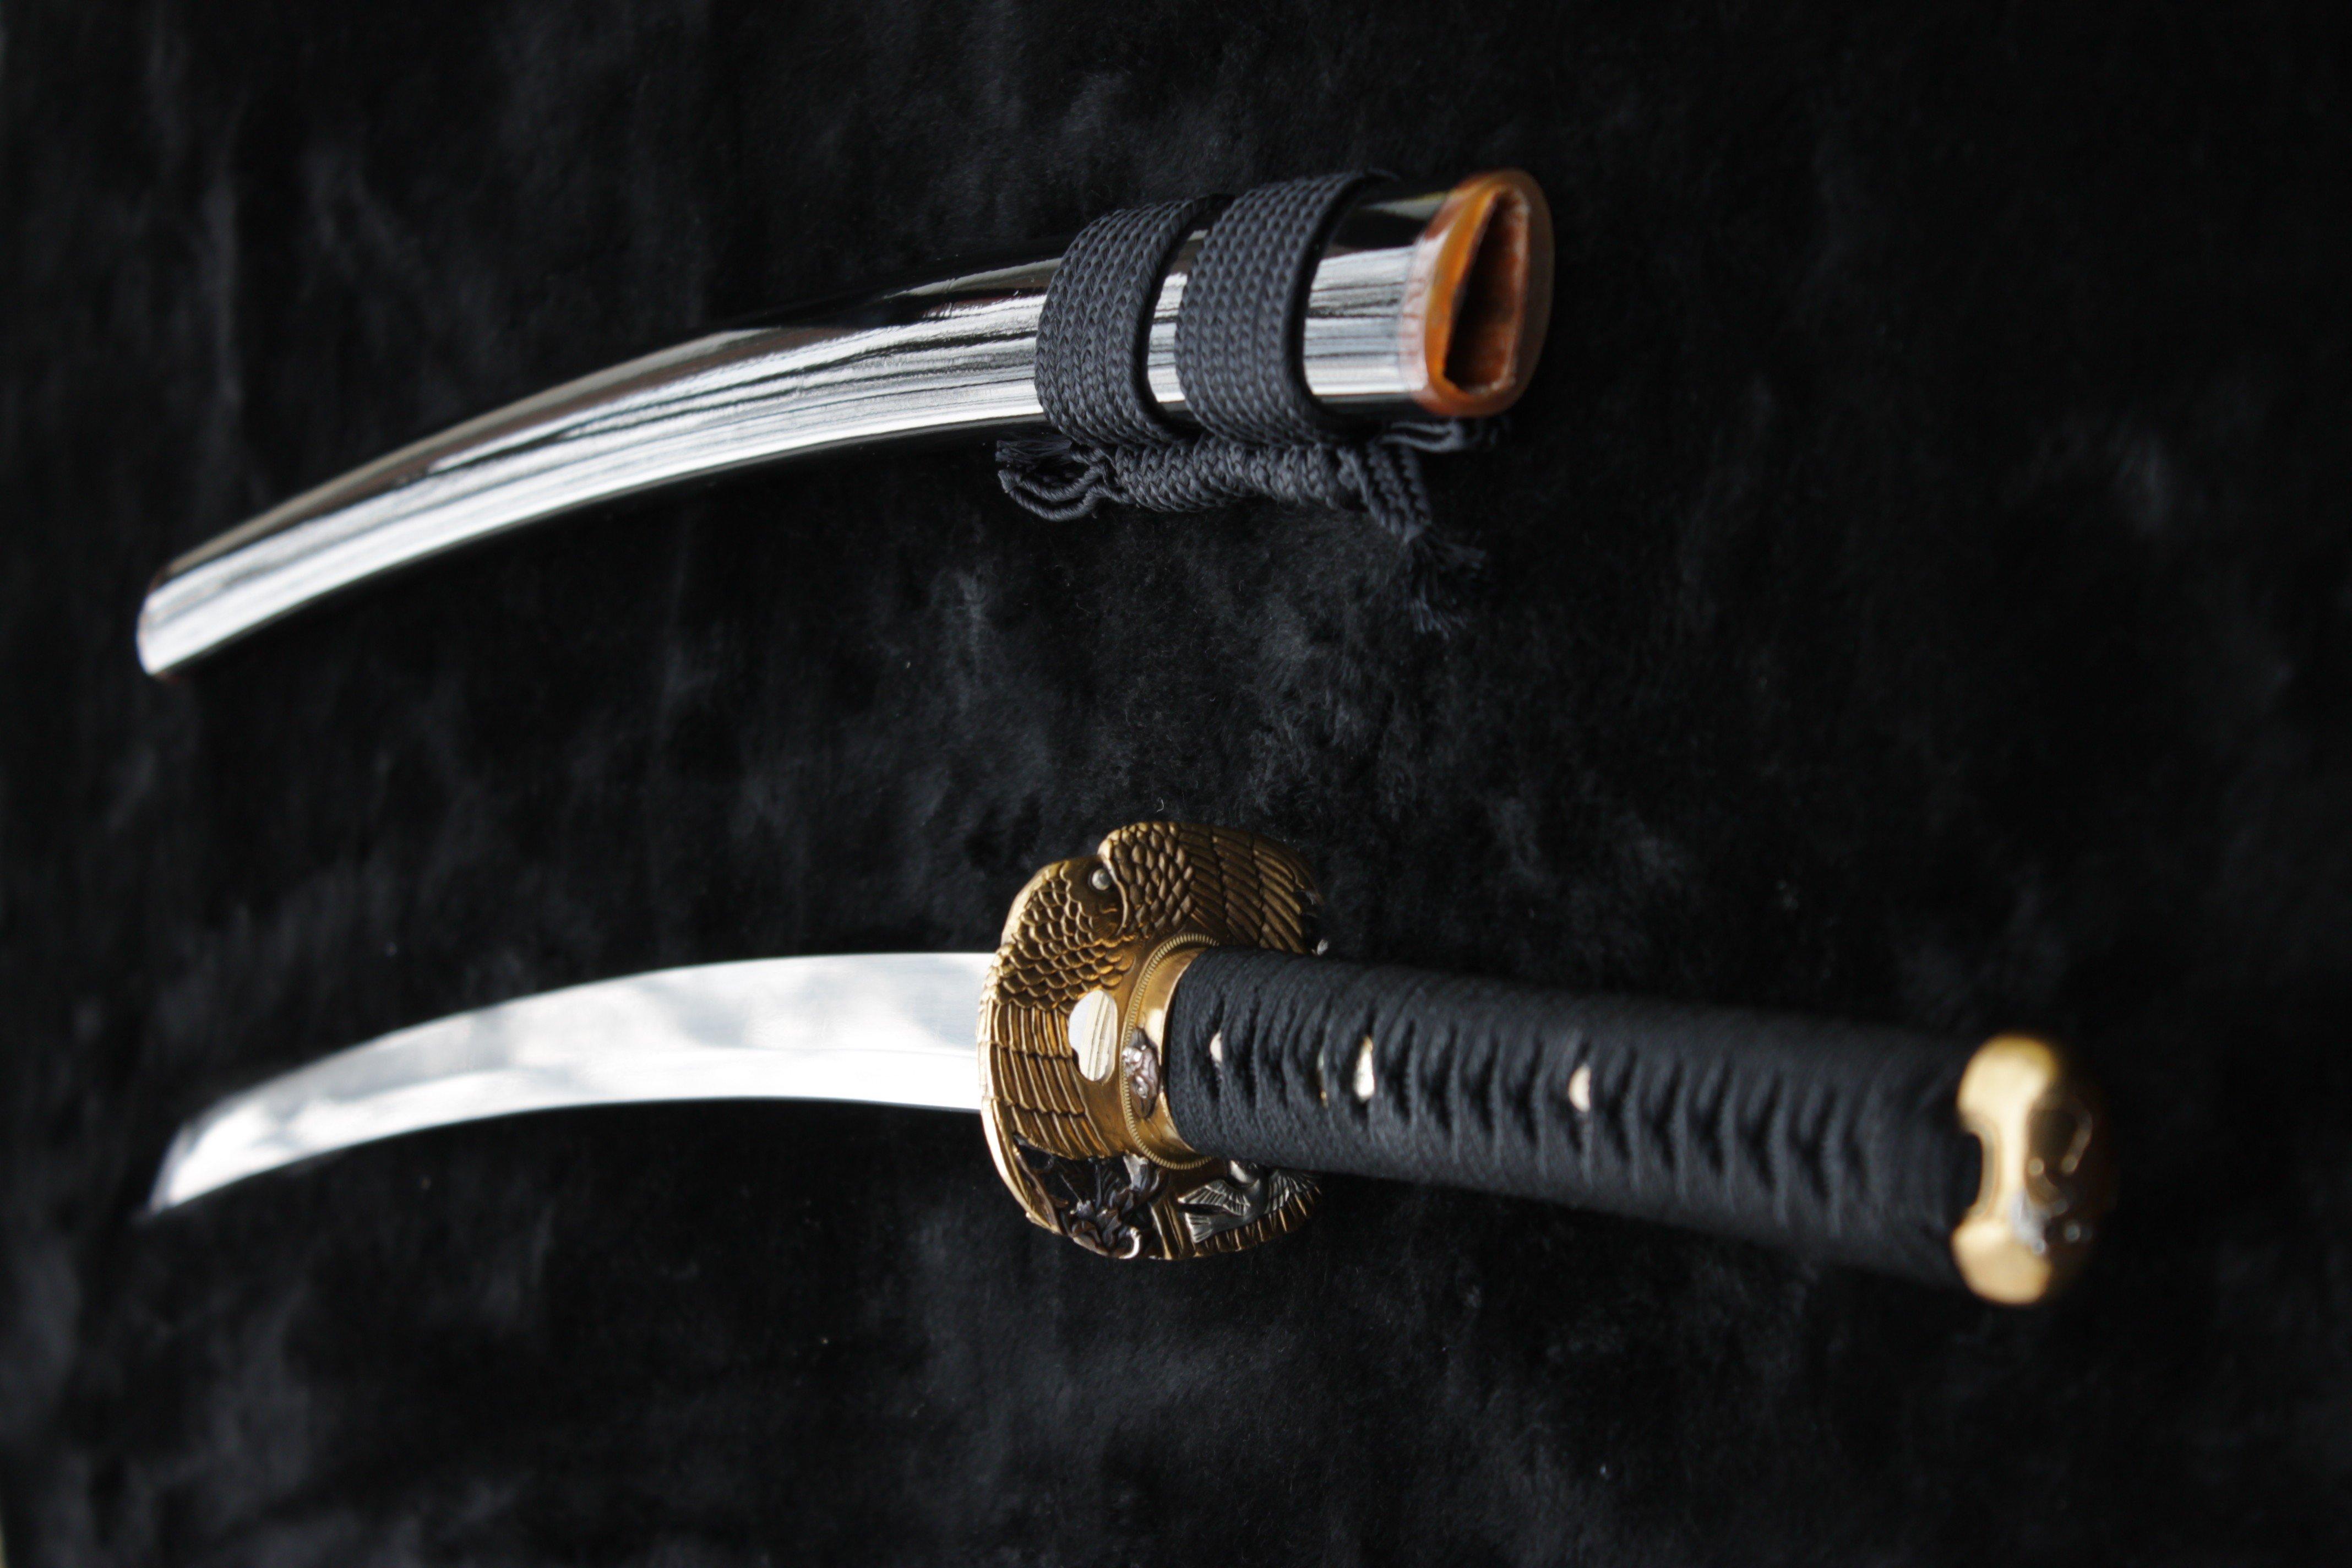 Wallpaper 4272x2848 Px Japan Katana Sword 4272x2848